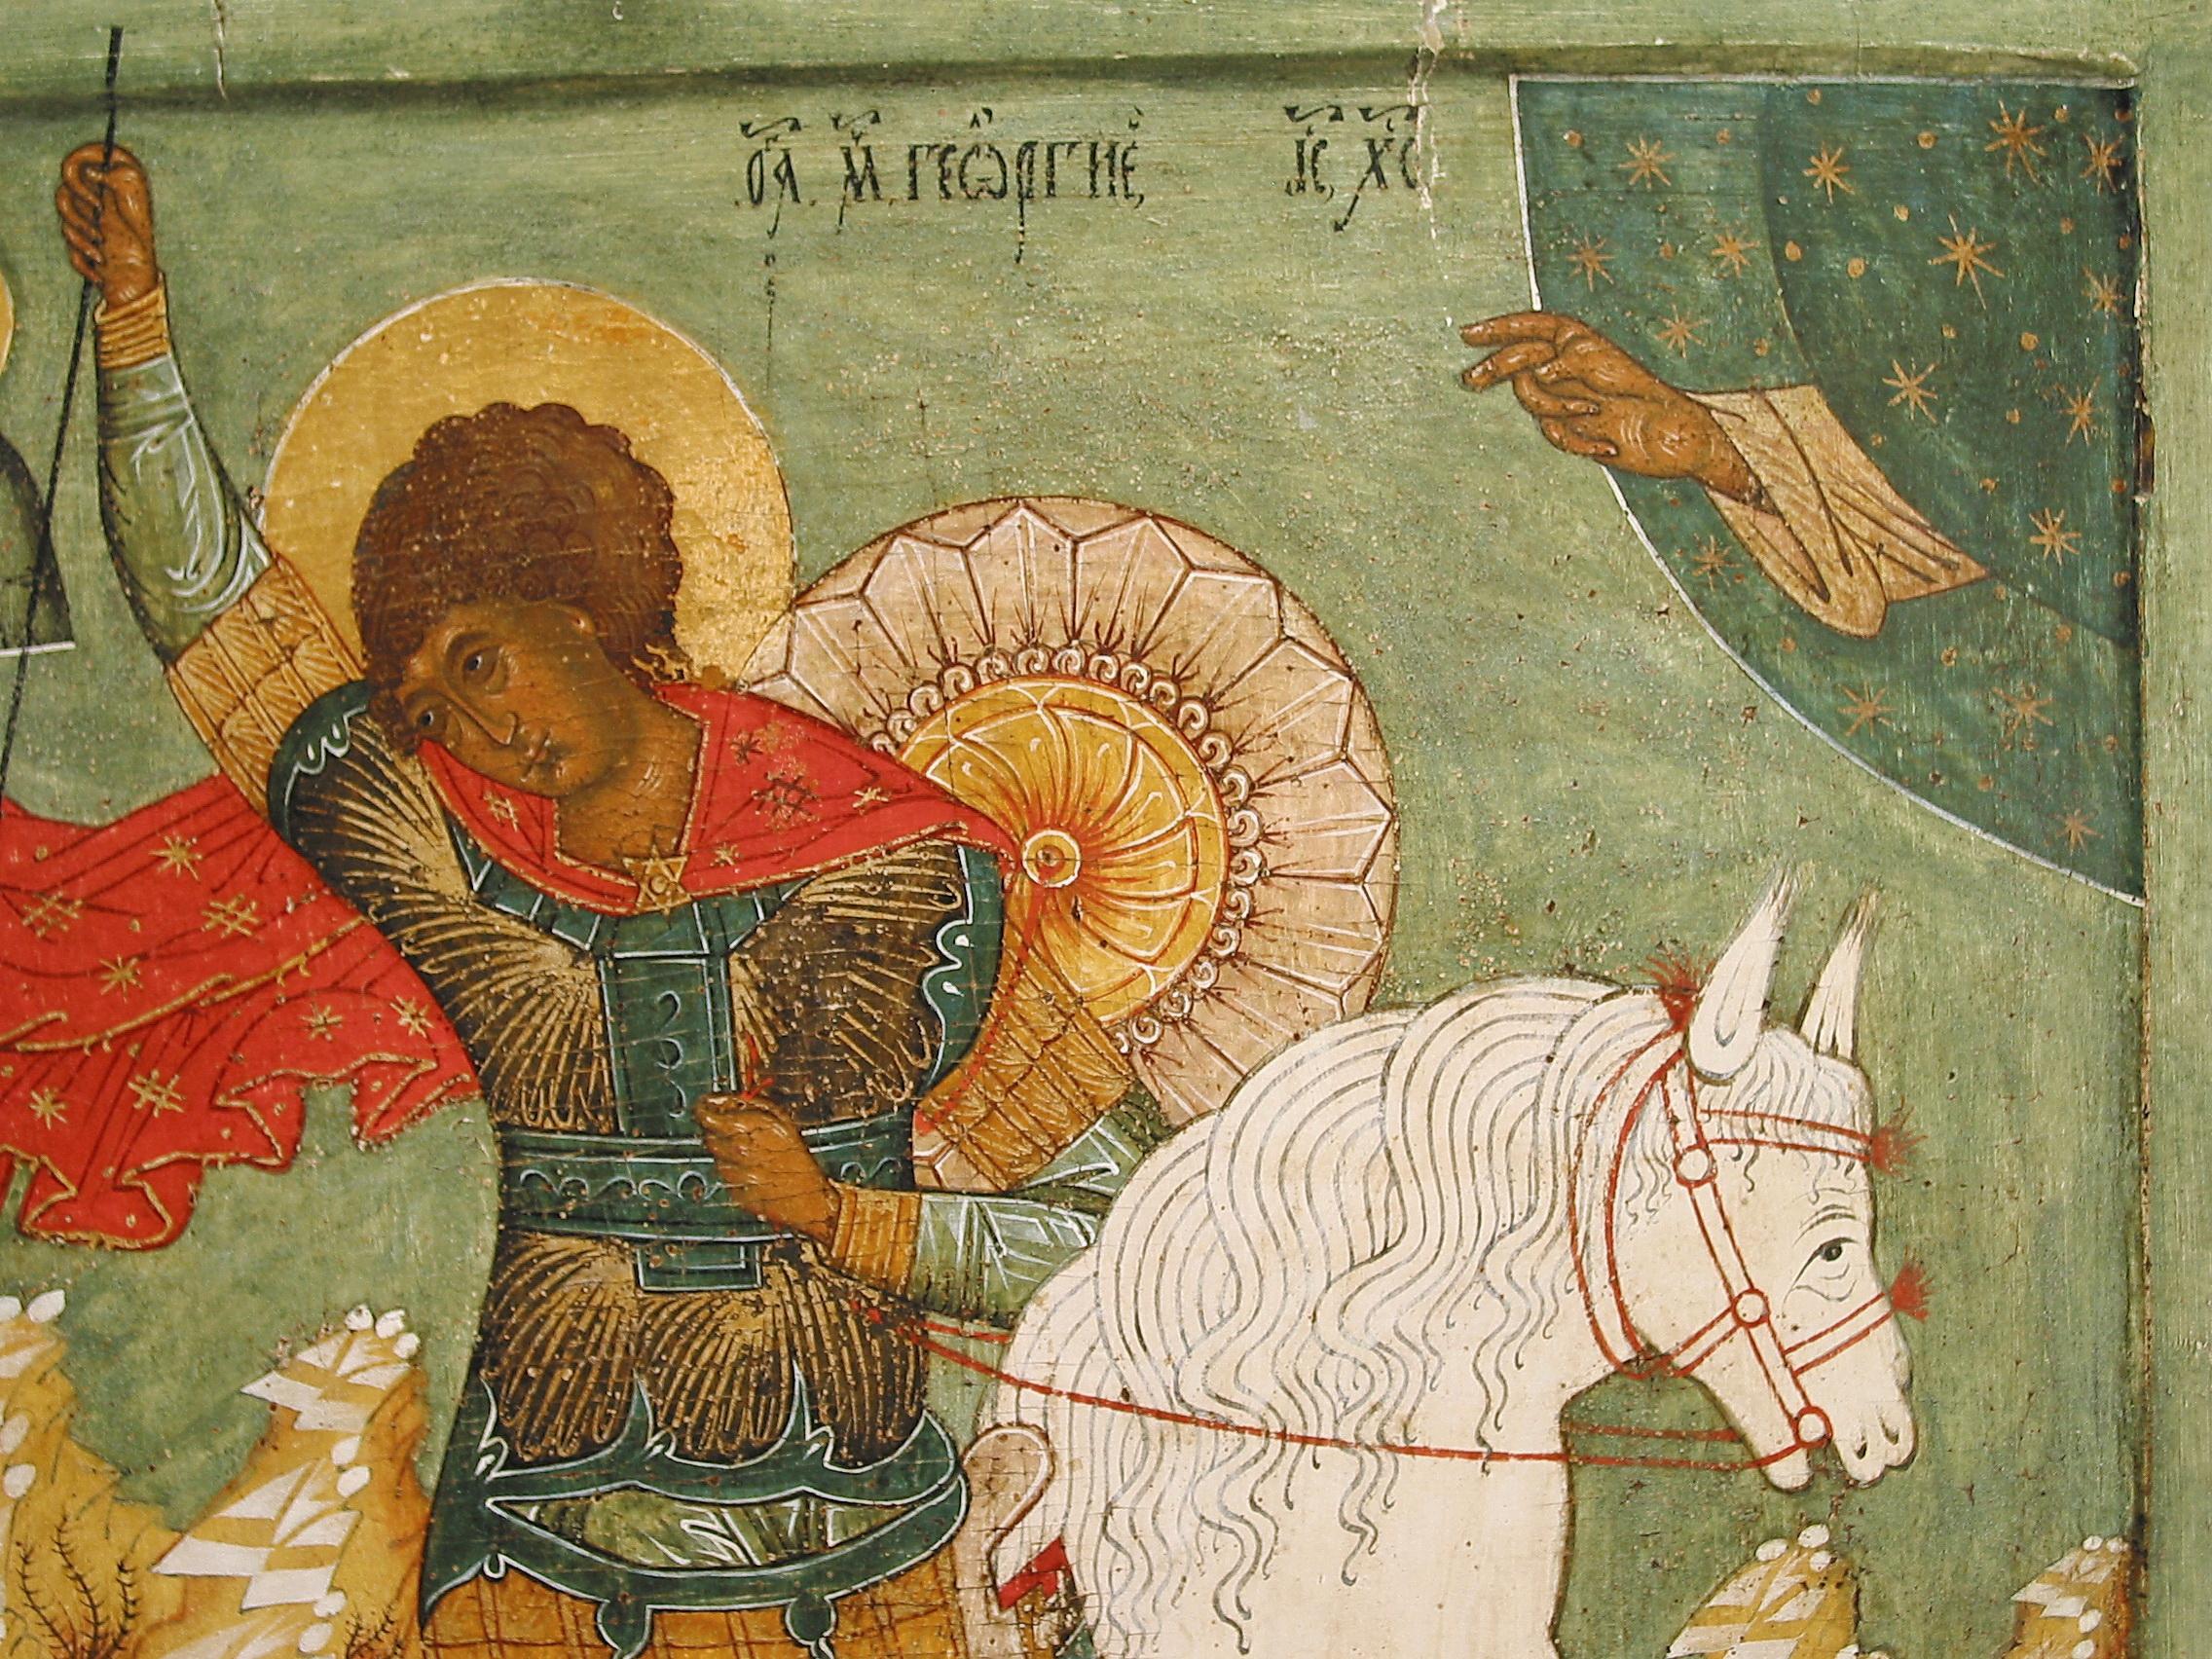 Увеличенный фрагмент иконы. Рука, протянутая сквозь звёздную сферу - признак раннего христианского мировоззрения.